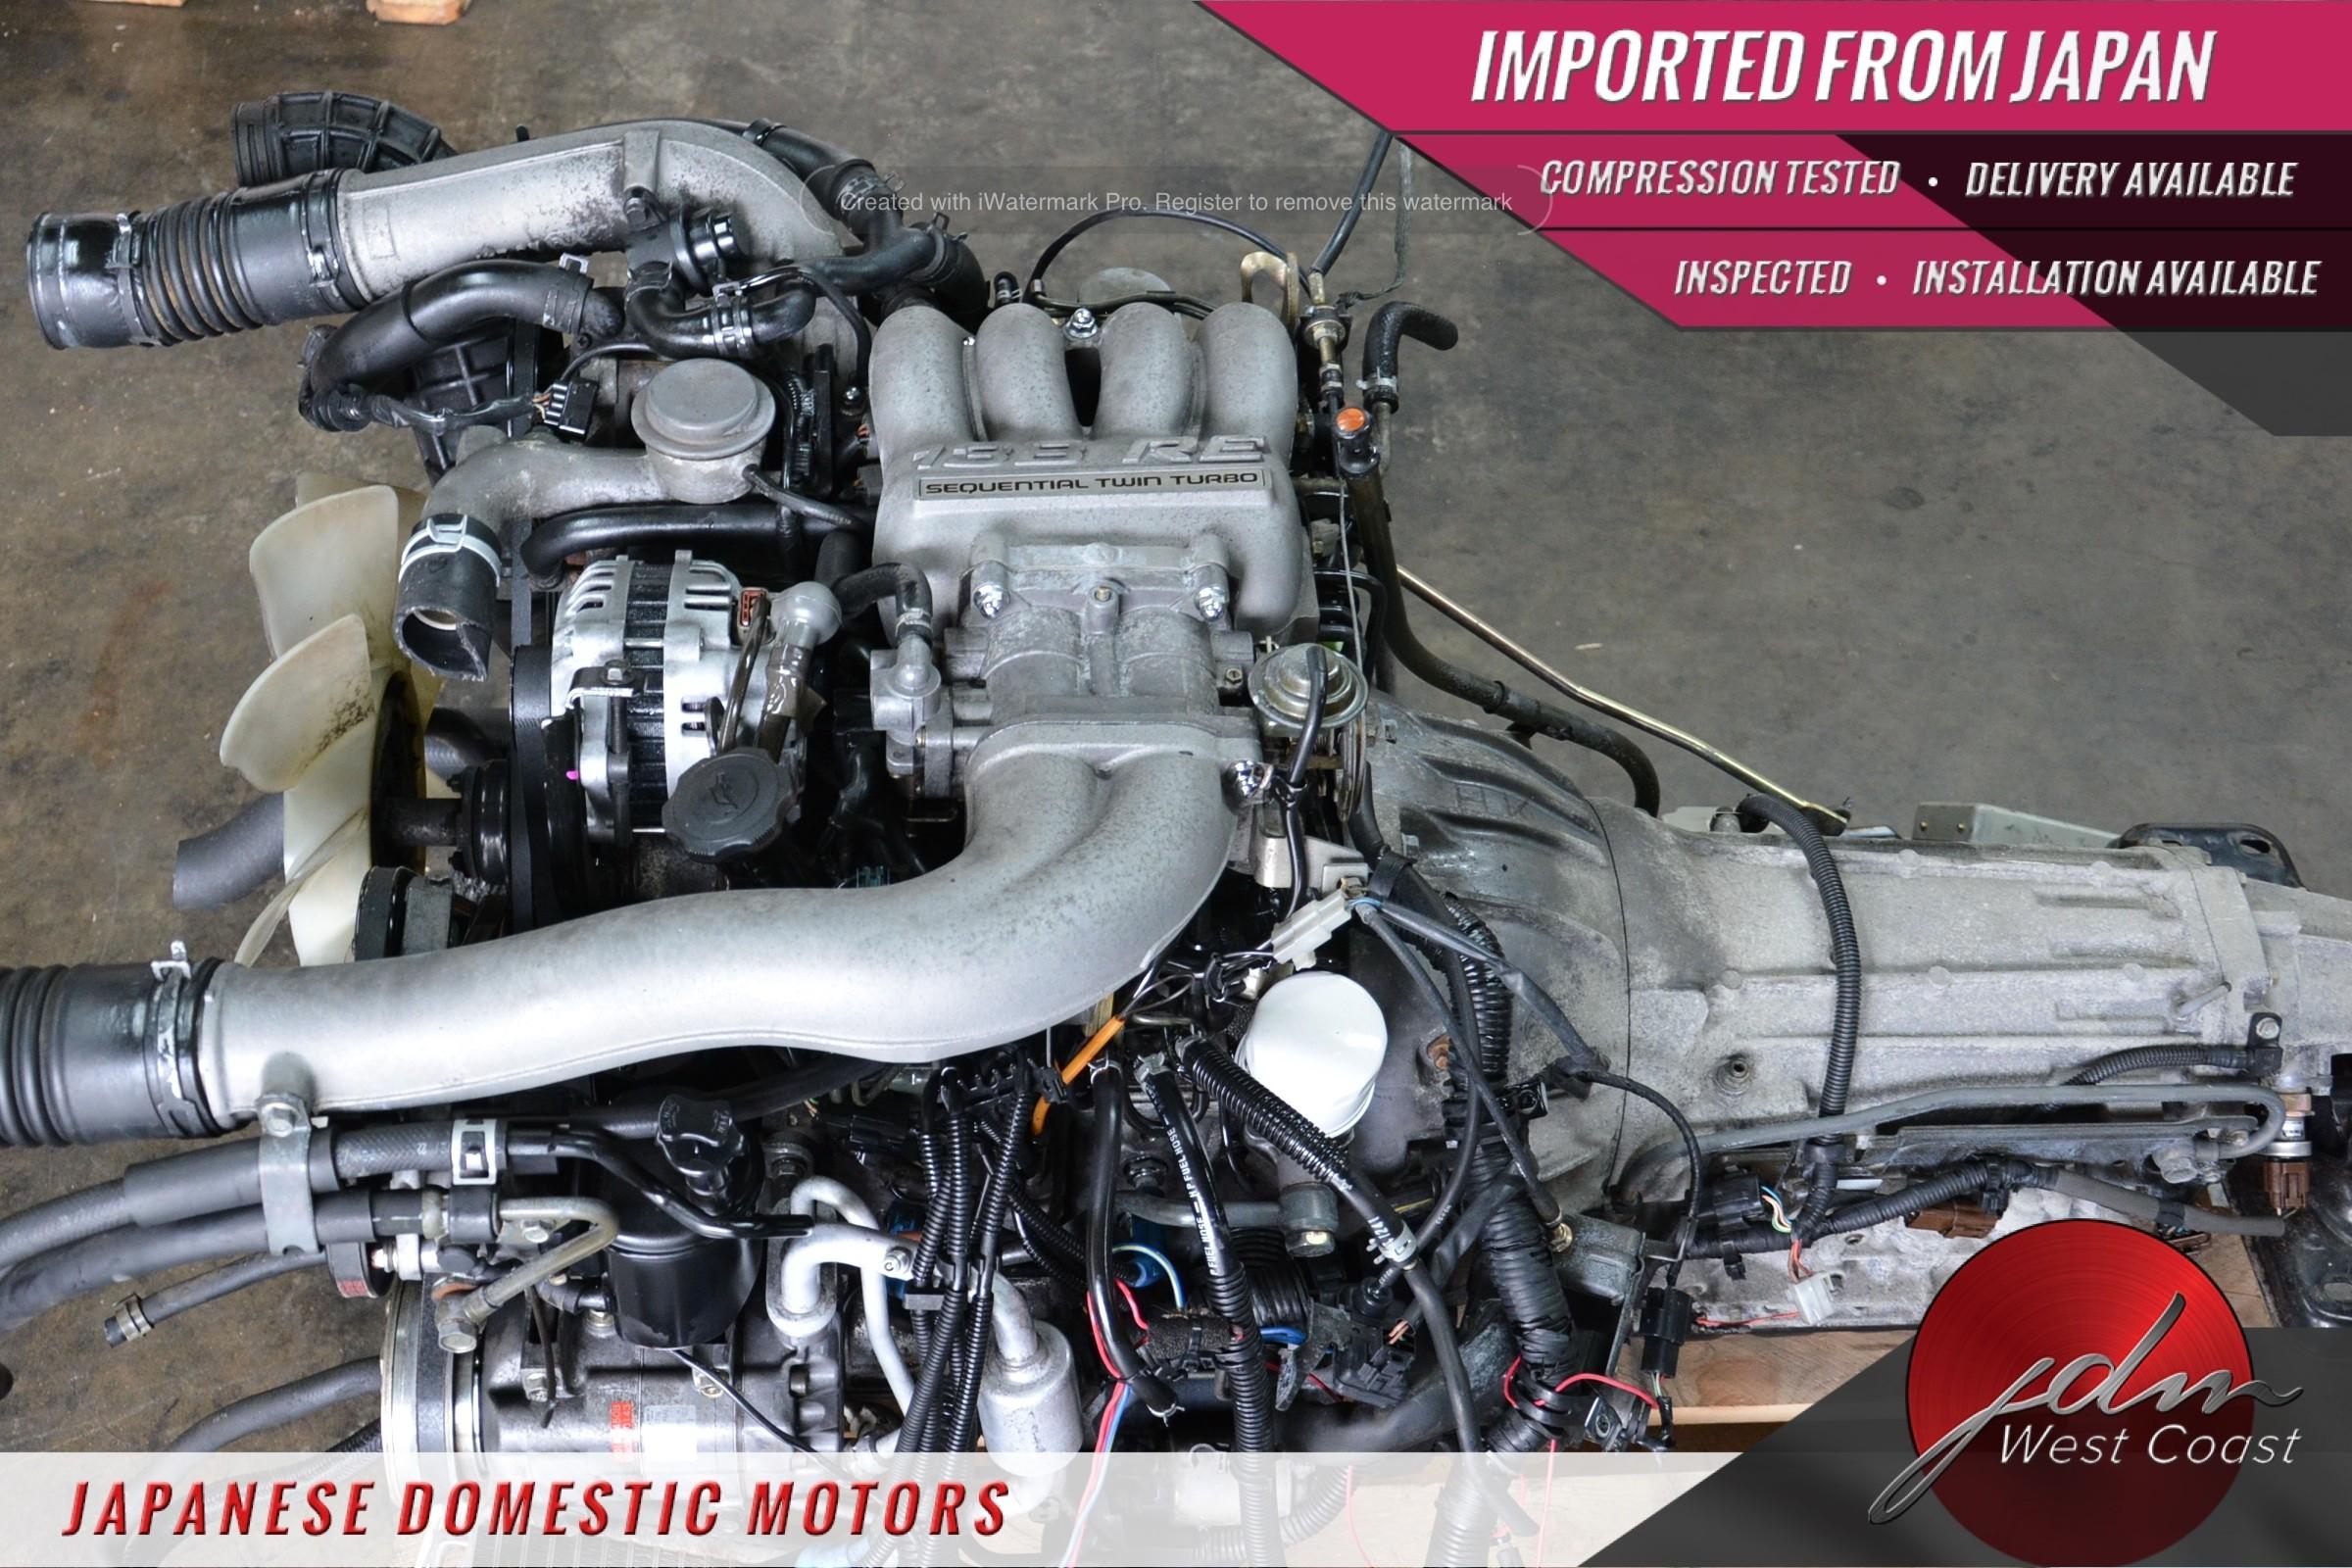 Jdm Mazda Rx-7 Engine 13B 1 3L Twin-Turbo FD3S 93-95 Rotary 5spd MT